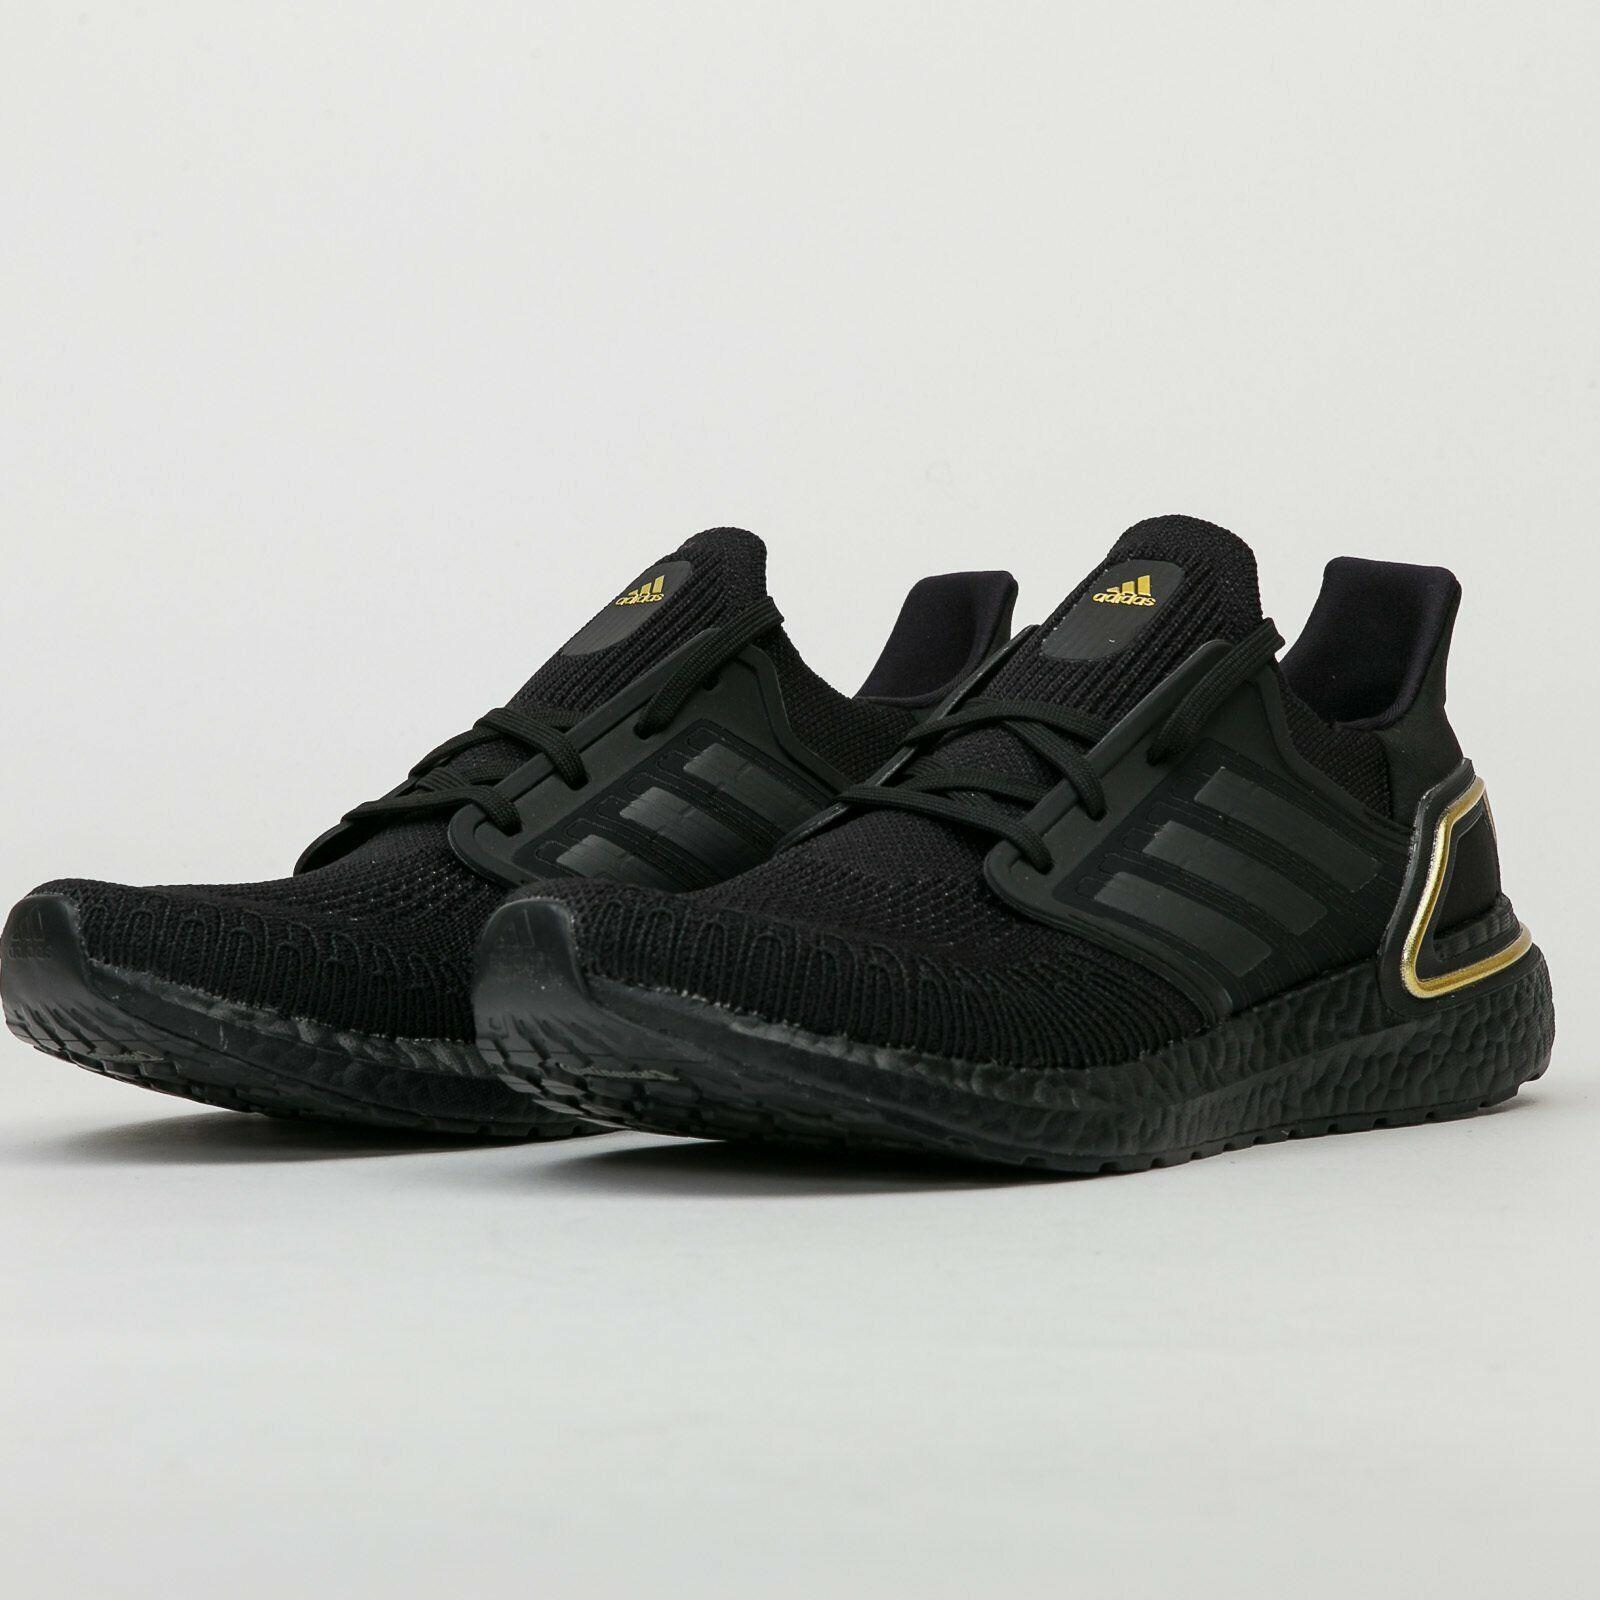 20 Ultraboost Adidas cschwarz Männer 3), 2 44 (eur 10.5 US